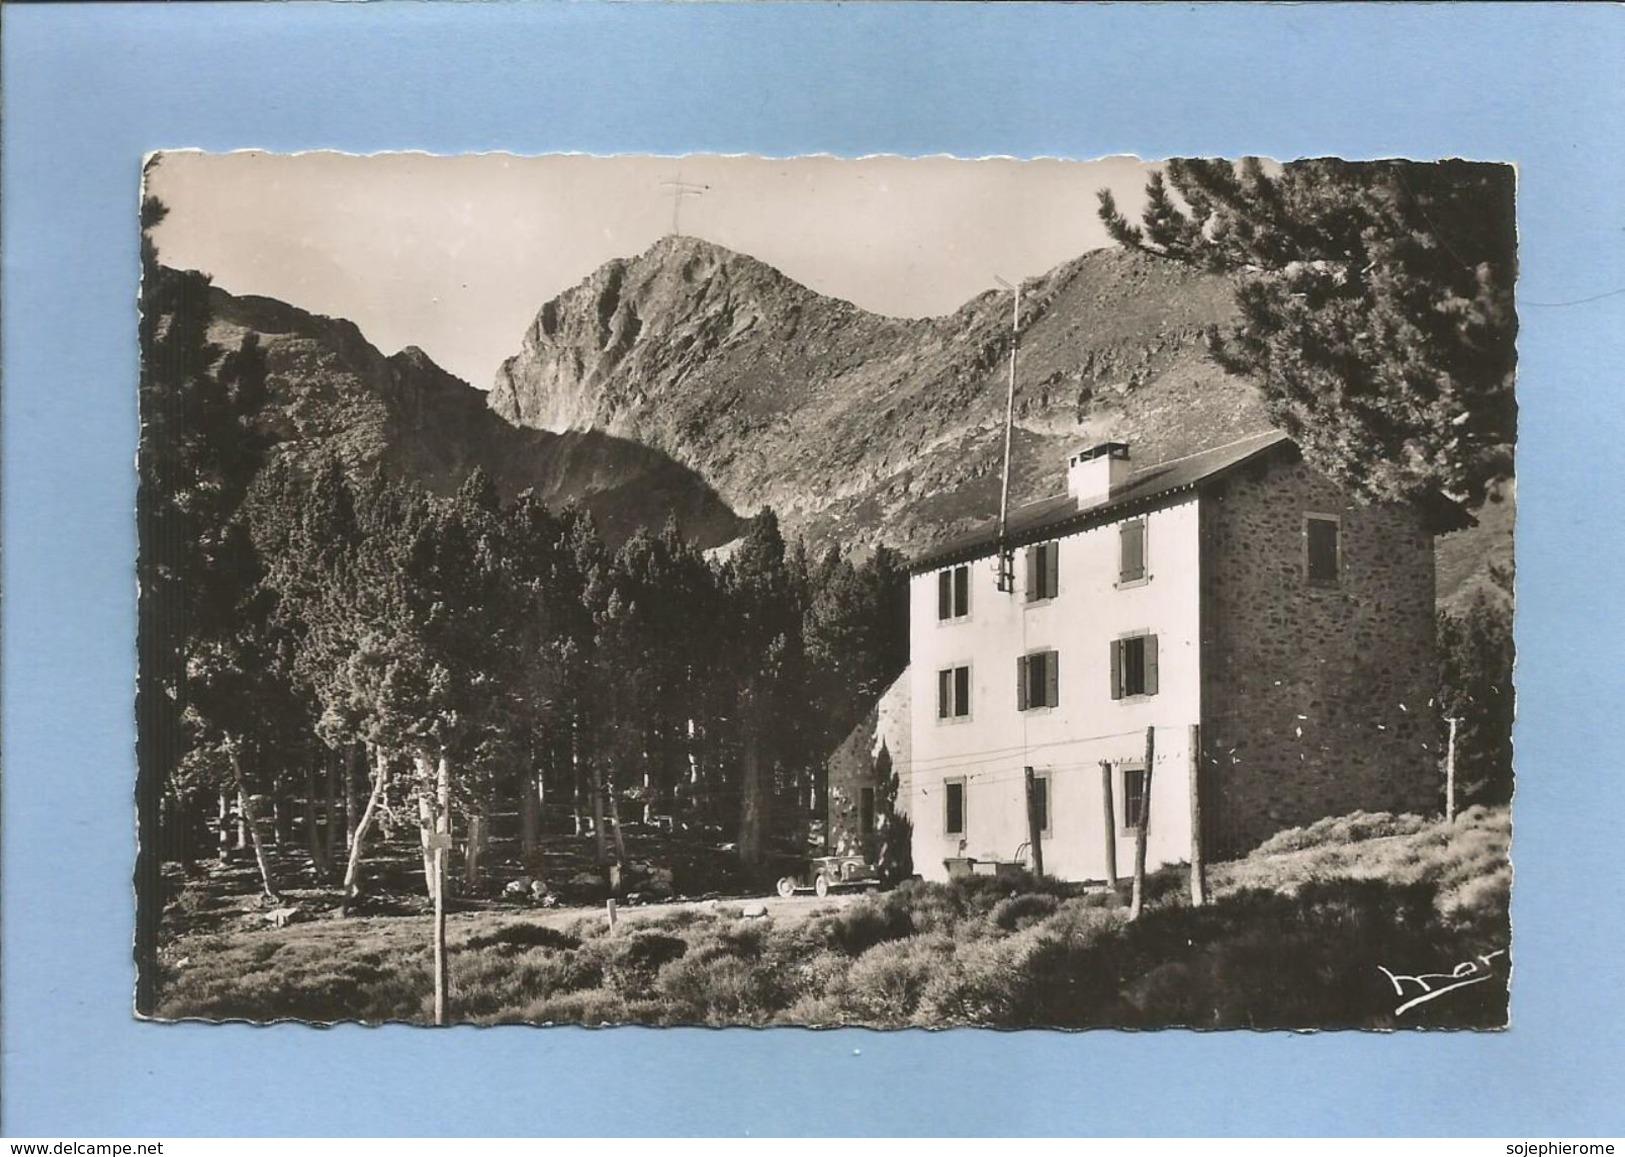 Vernet-les-Bains (66) Chalet-Hôtel Du C.A.F. à 2200 M. Massif Du Canigou 2 Scans 03/07/195- Voiture Décapotable - France